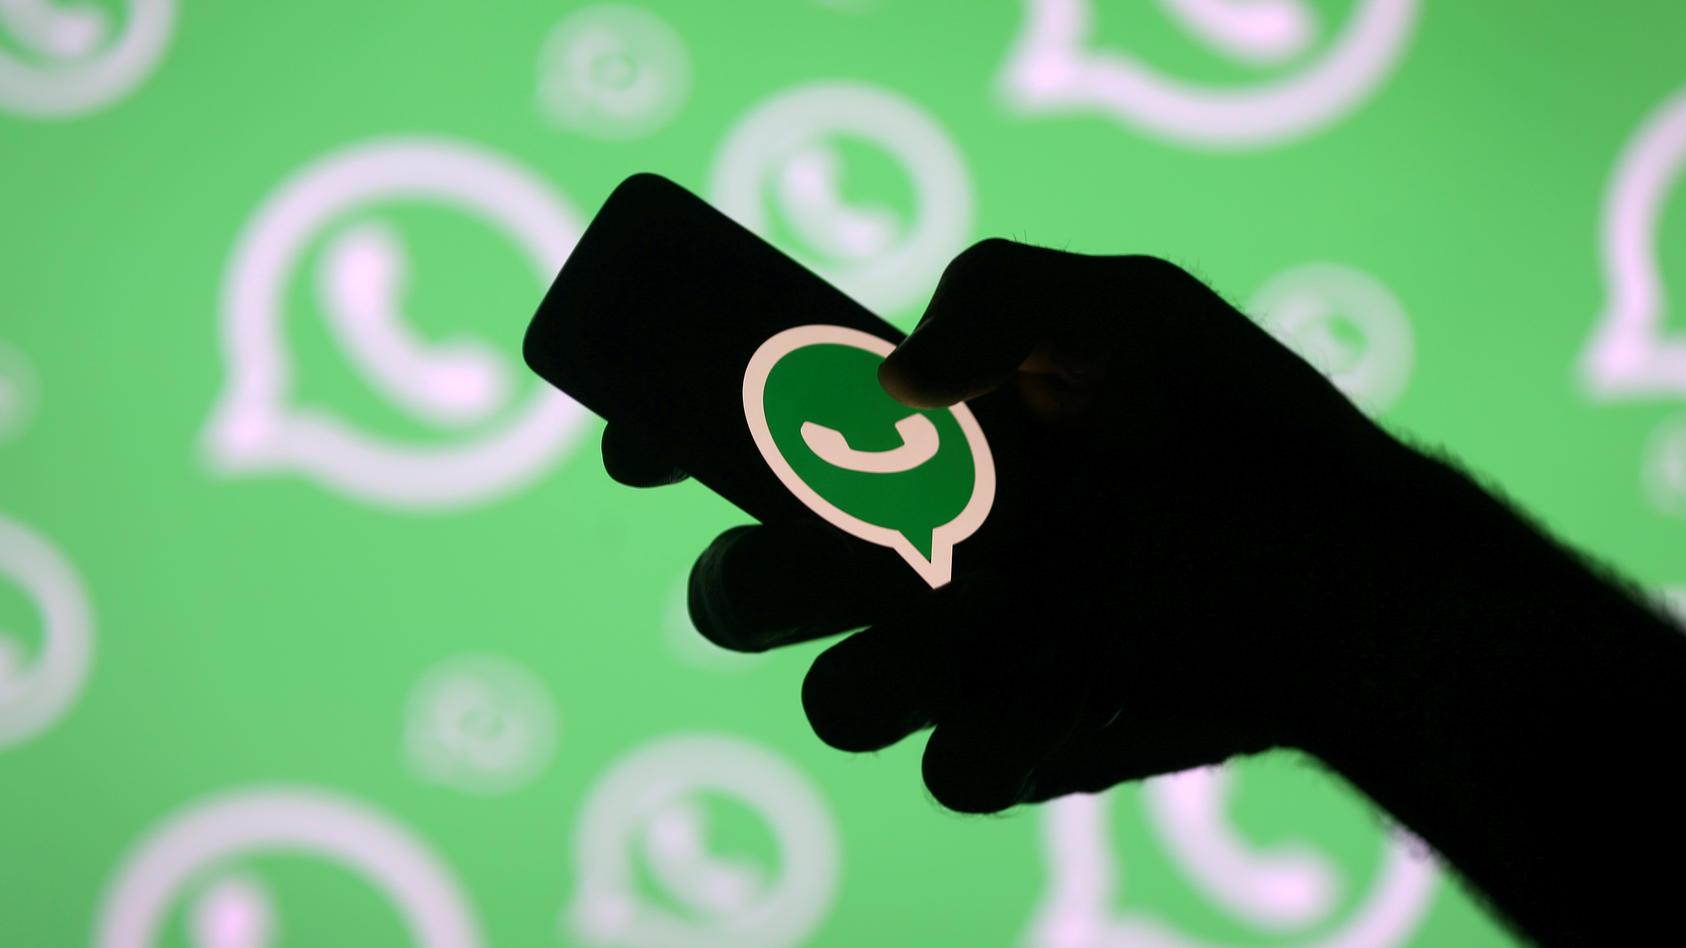 Bald Werbung auf Whatsapp? Die Antwort ist: Ja, in 2020. Wann genau ist noch nicht bekannt.